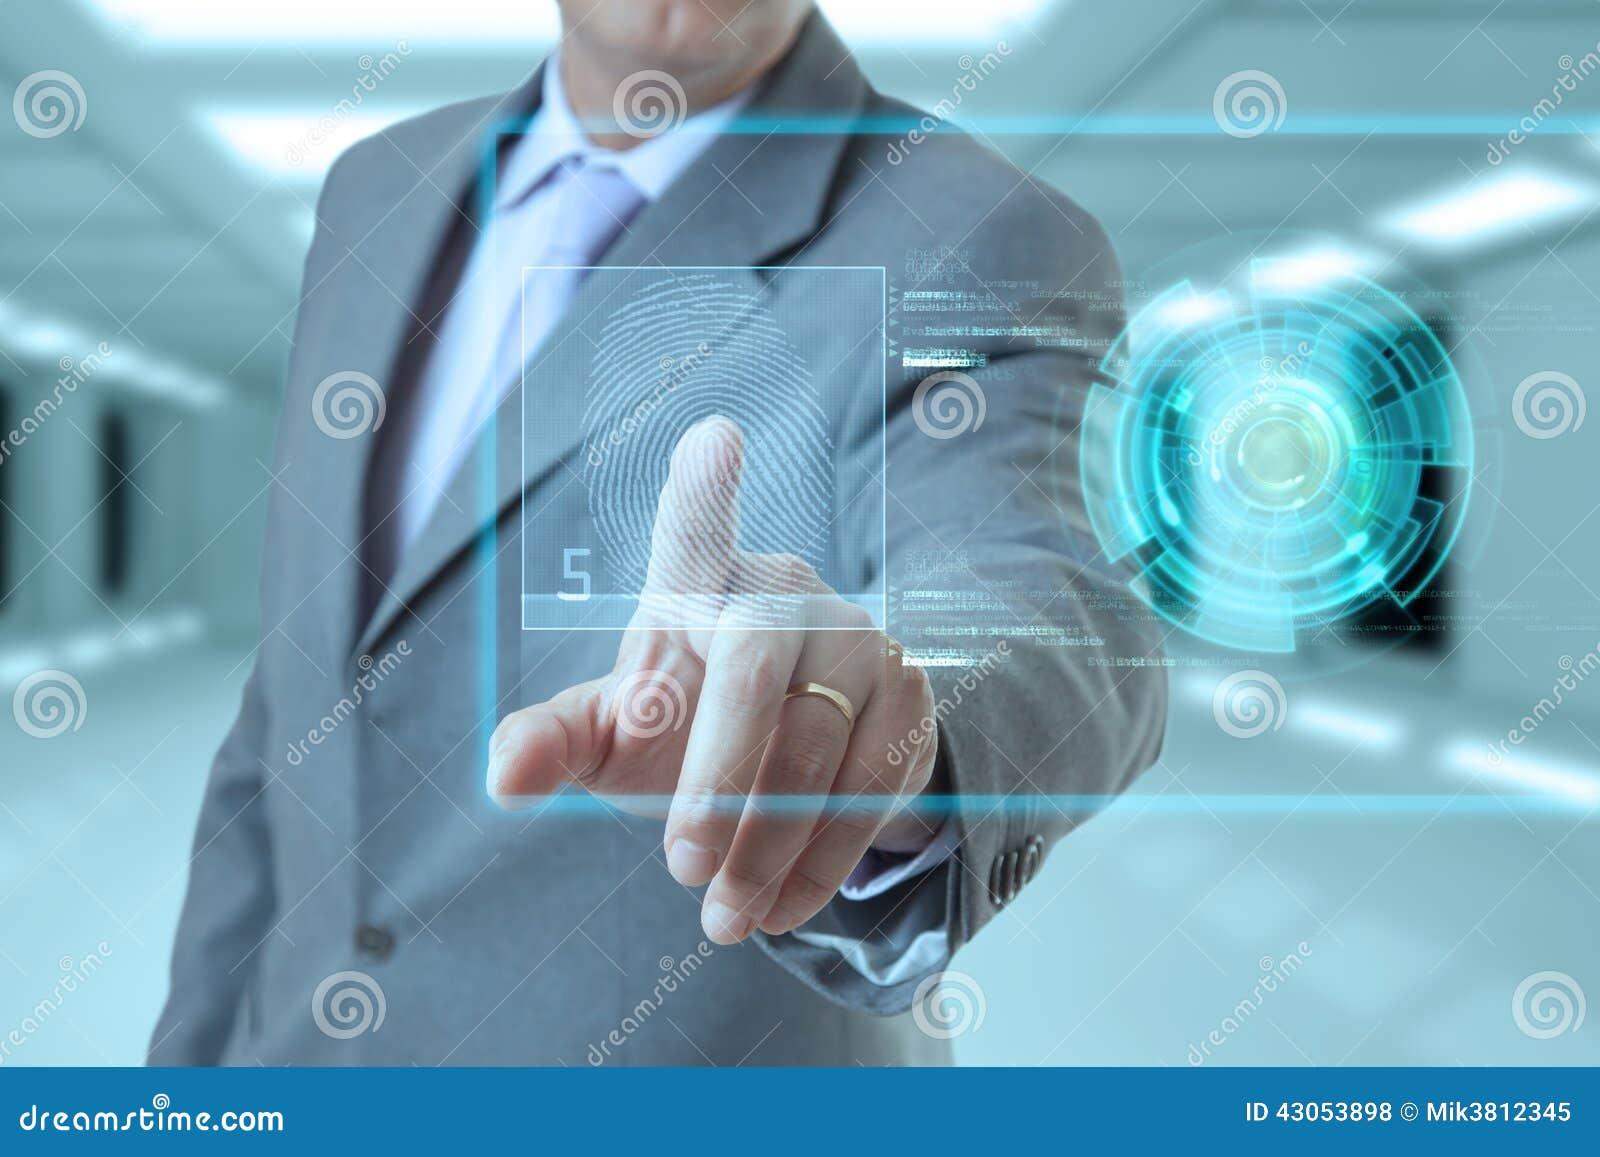 Επιχειρηματίας και δακτυλικό αποτύπωμα